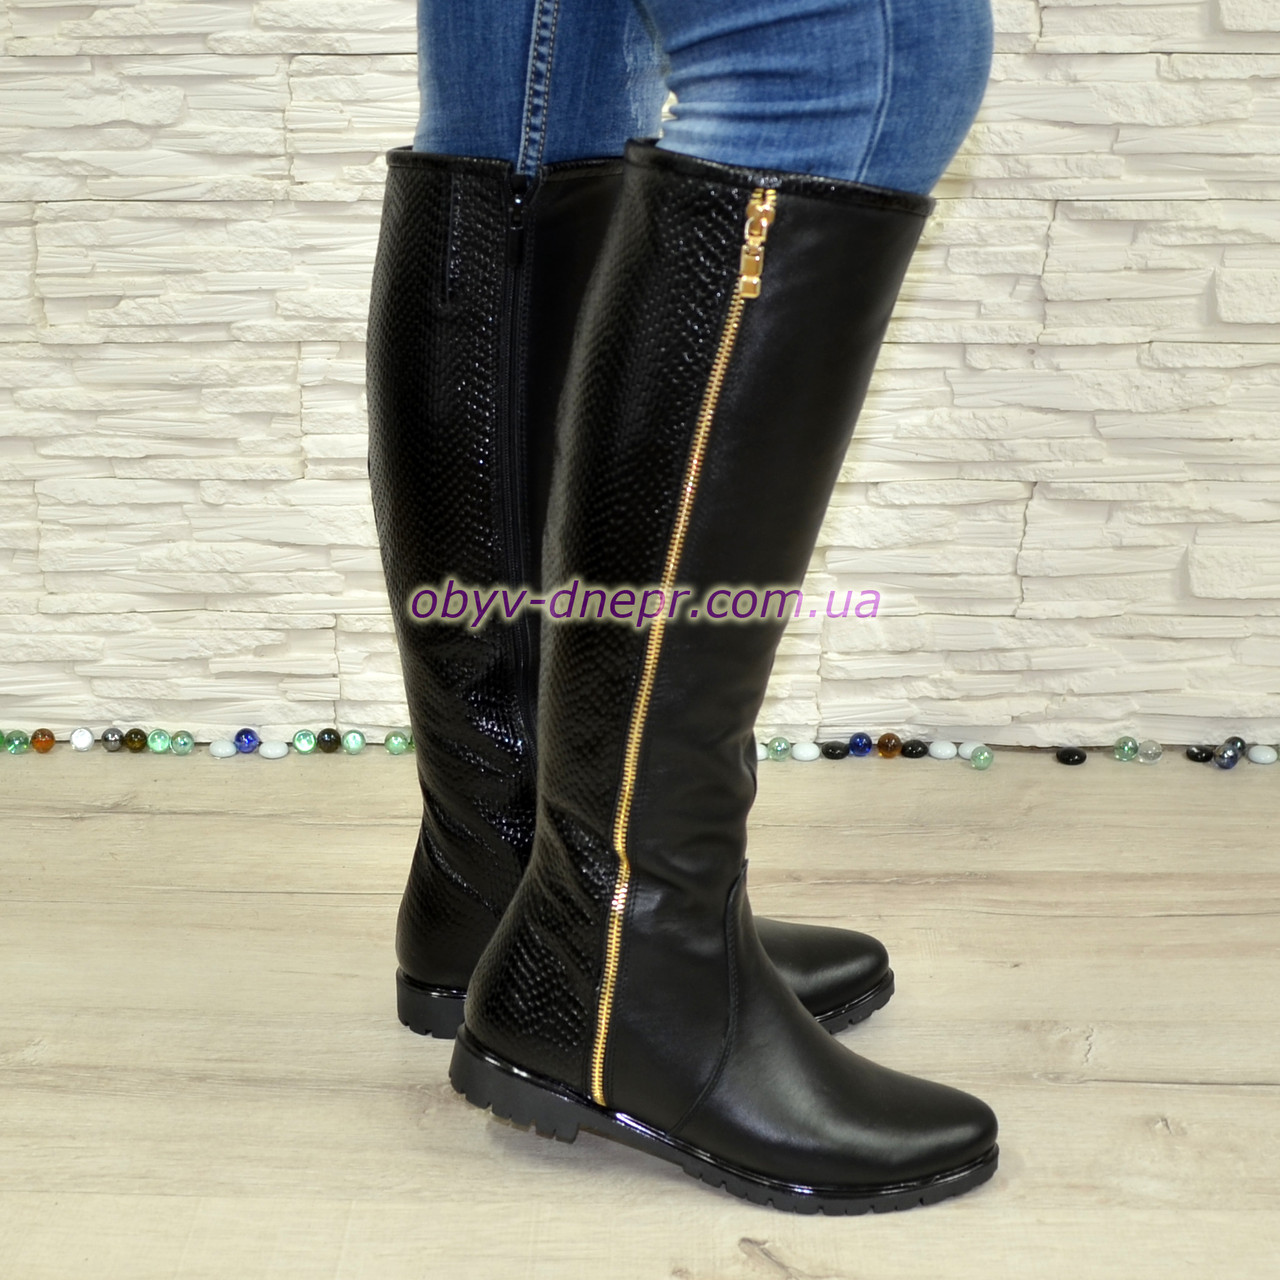 Сапоги кожаные женские демисезонные черного цвета